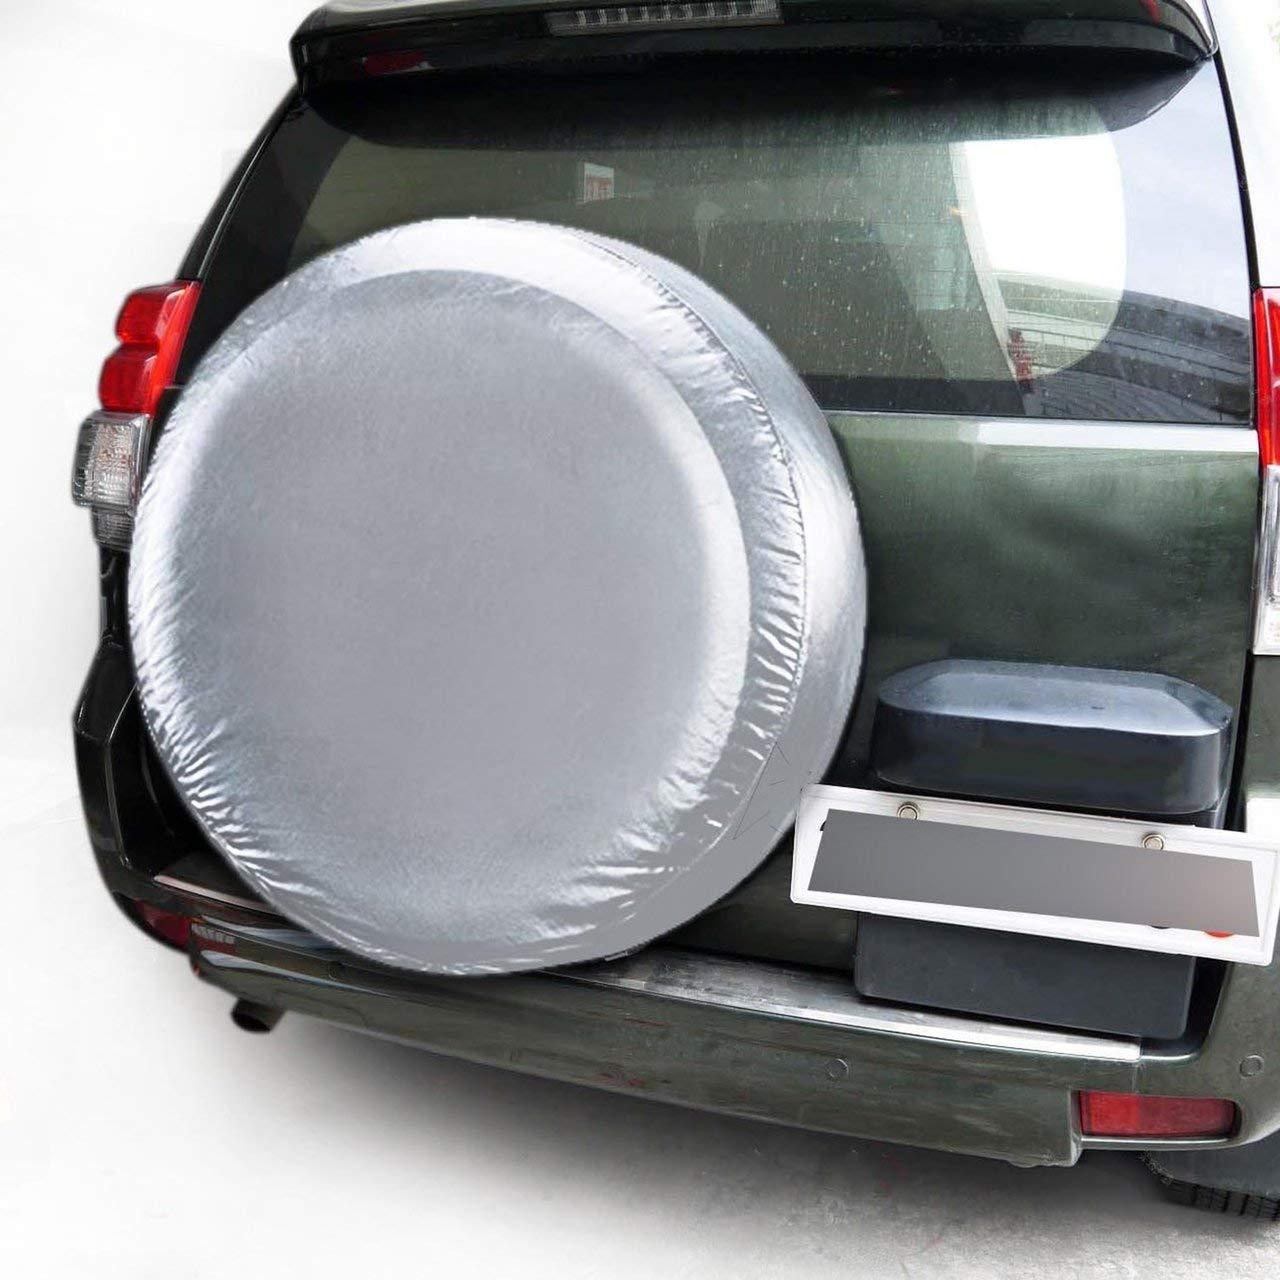 Couverture de Roue de Secours pour Voiture Automobile Heavy Duty Imperm/éable Roue de v/éhicule /Élastique Housse de Protection Sac de Couverture de Pneu Anti-poussi/ère pour SUV Argent